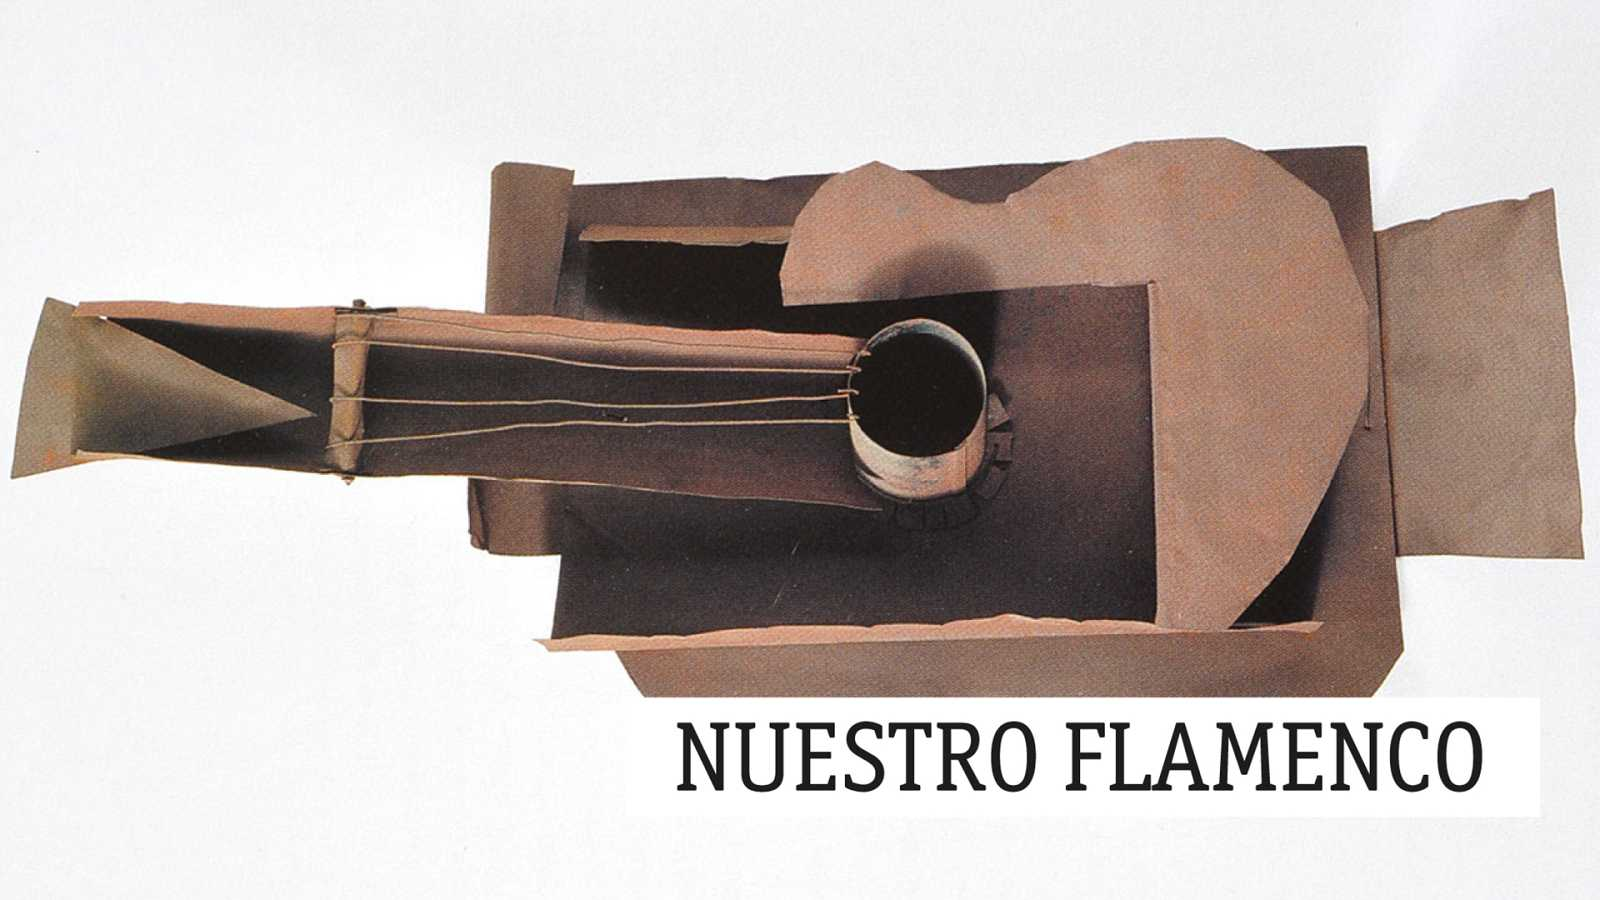 Nuestro Flamenco - Malagueñas, creadores y estilos - 31/12/20 - escuchar ahora